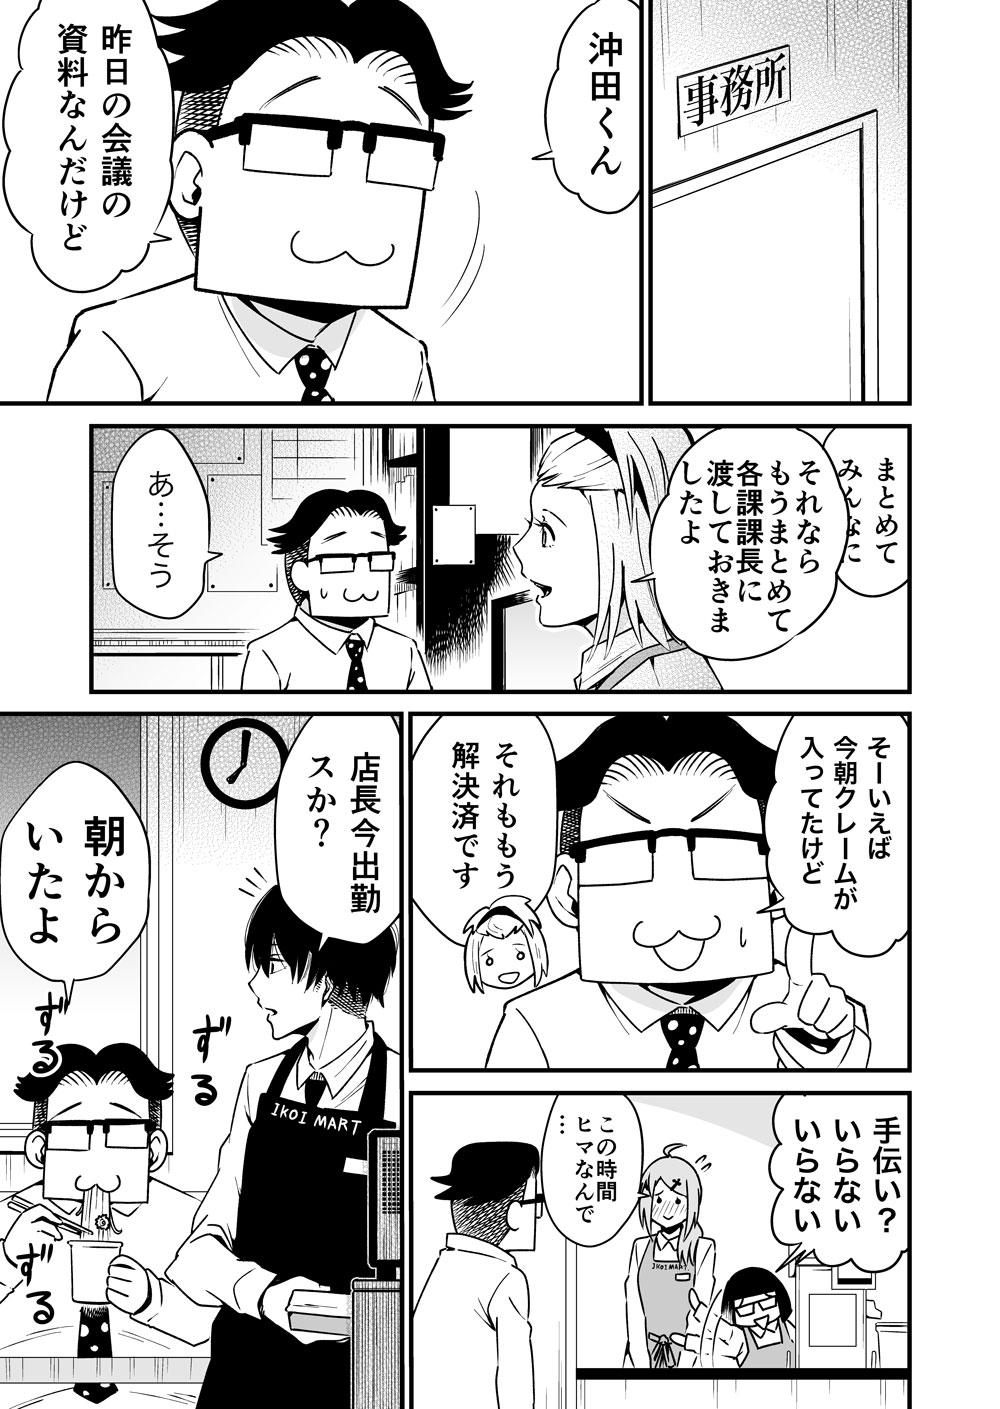 レジの佐藤さんはあがり症8話完成_001